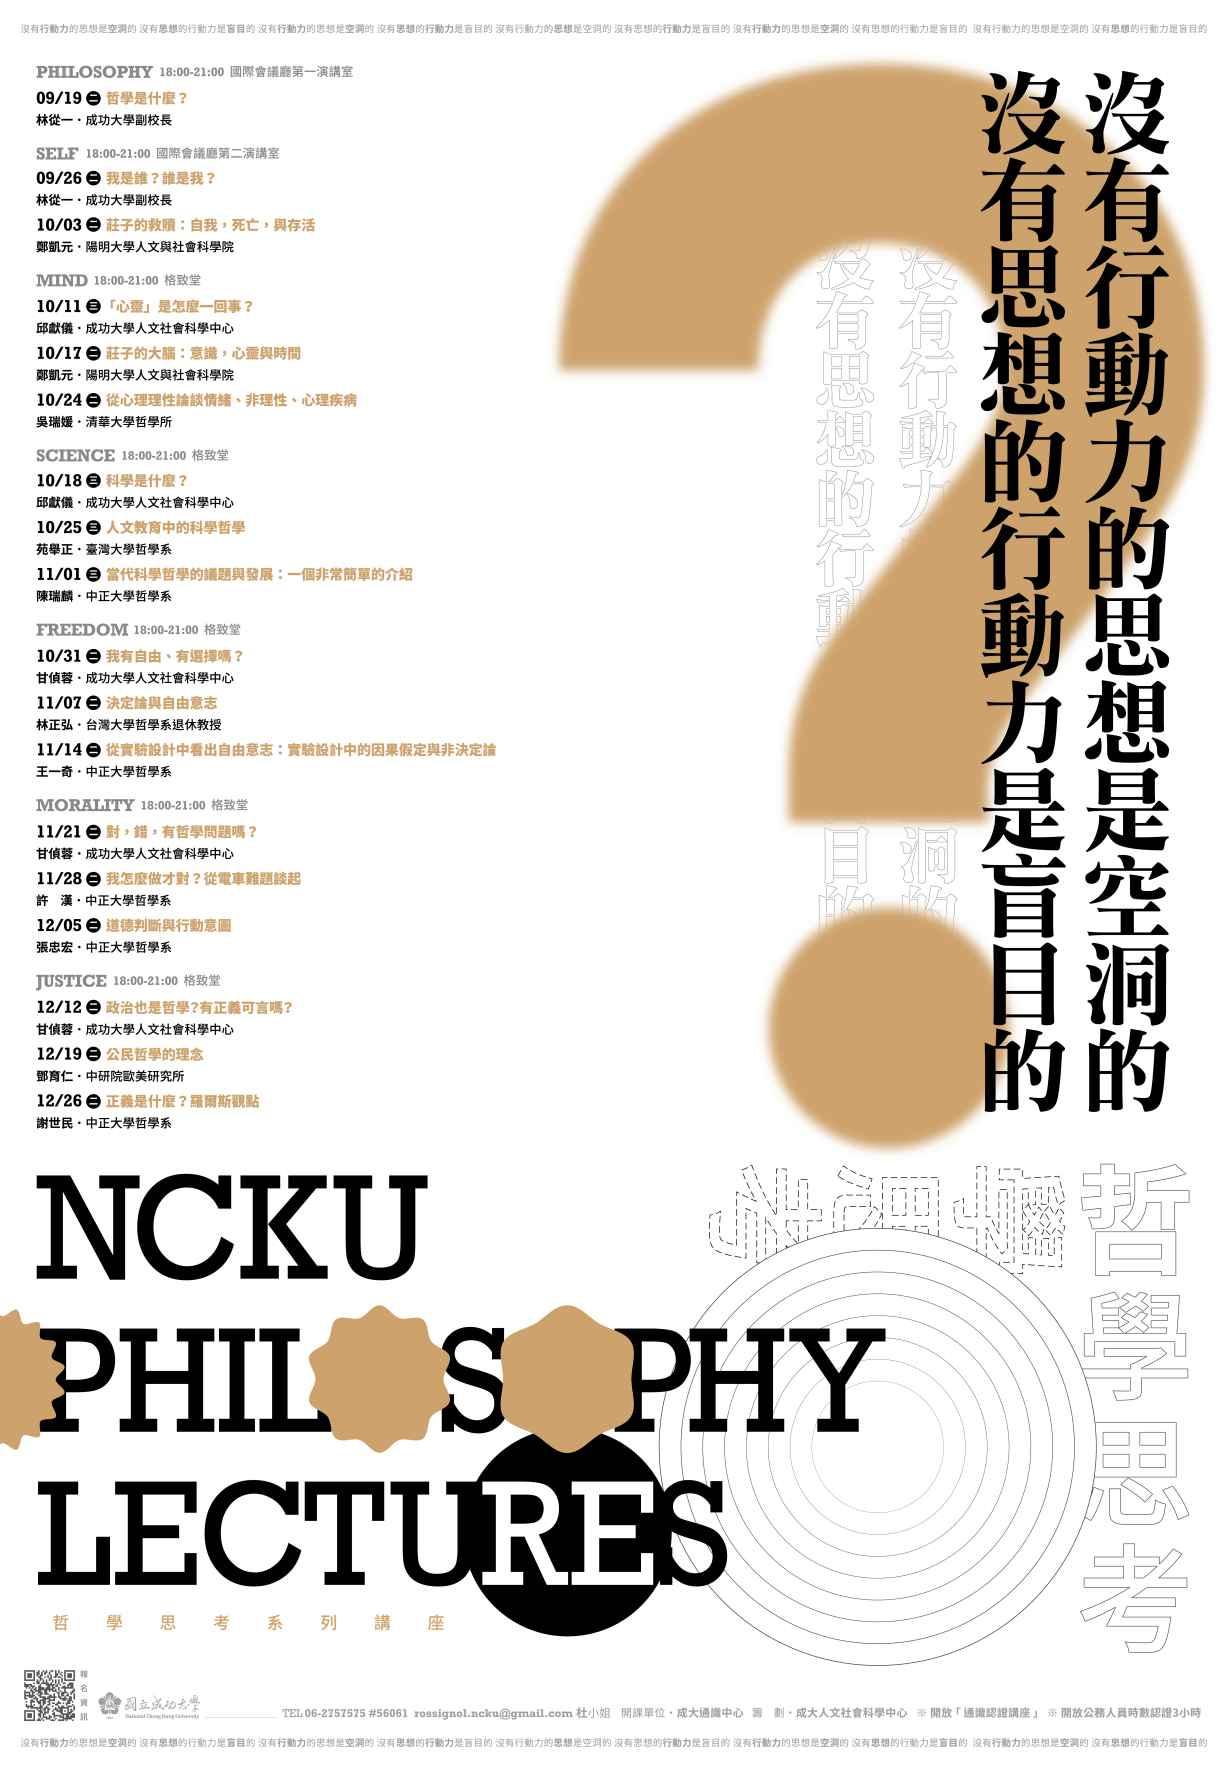 哲學思考系列講座–科學真的可靠嗎?〈人文教育中的科學哲學〉